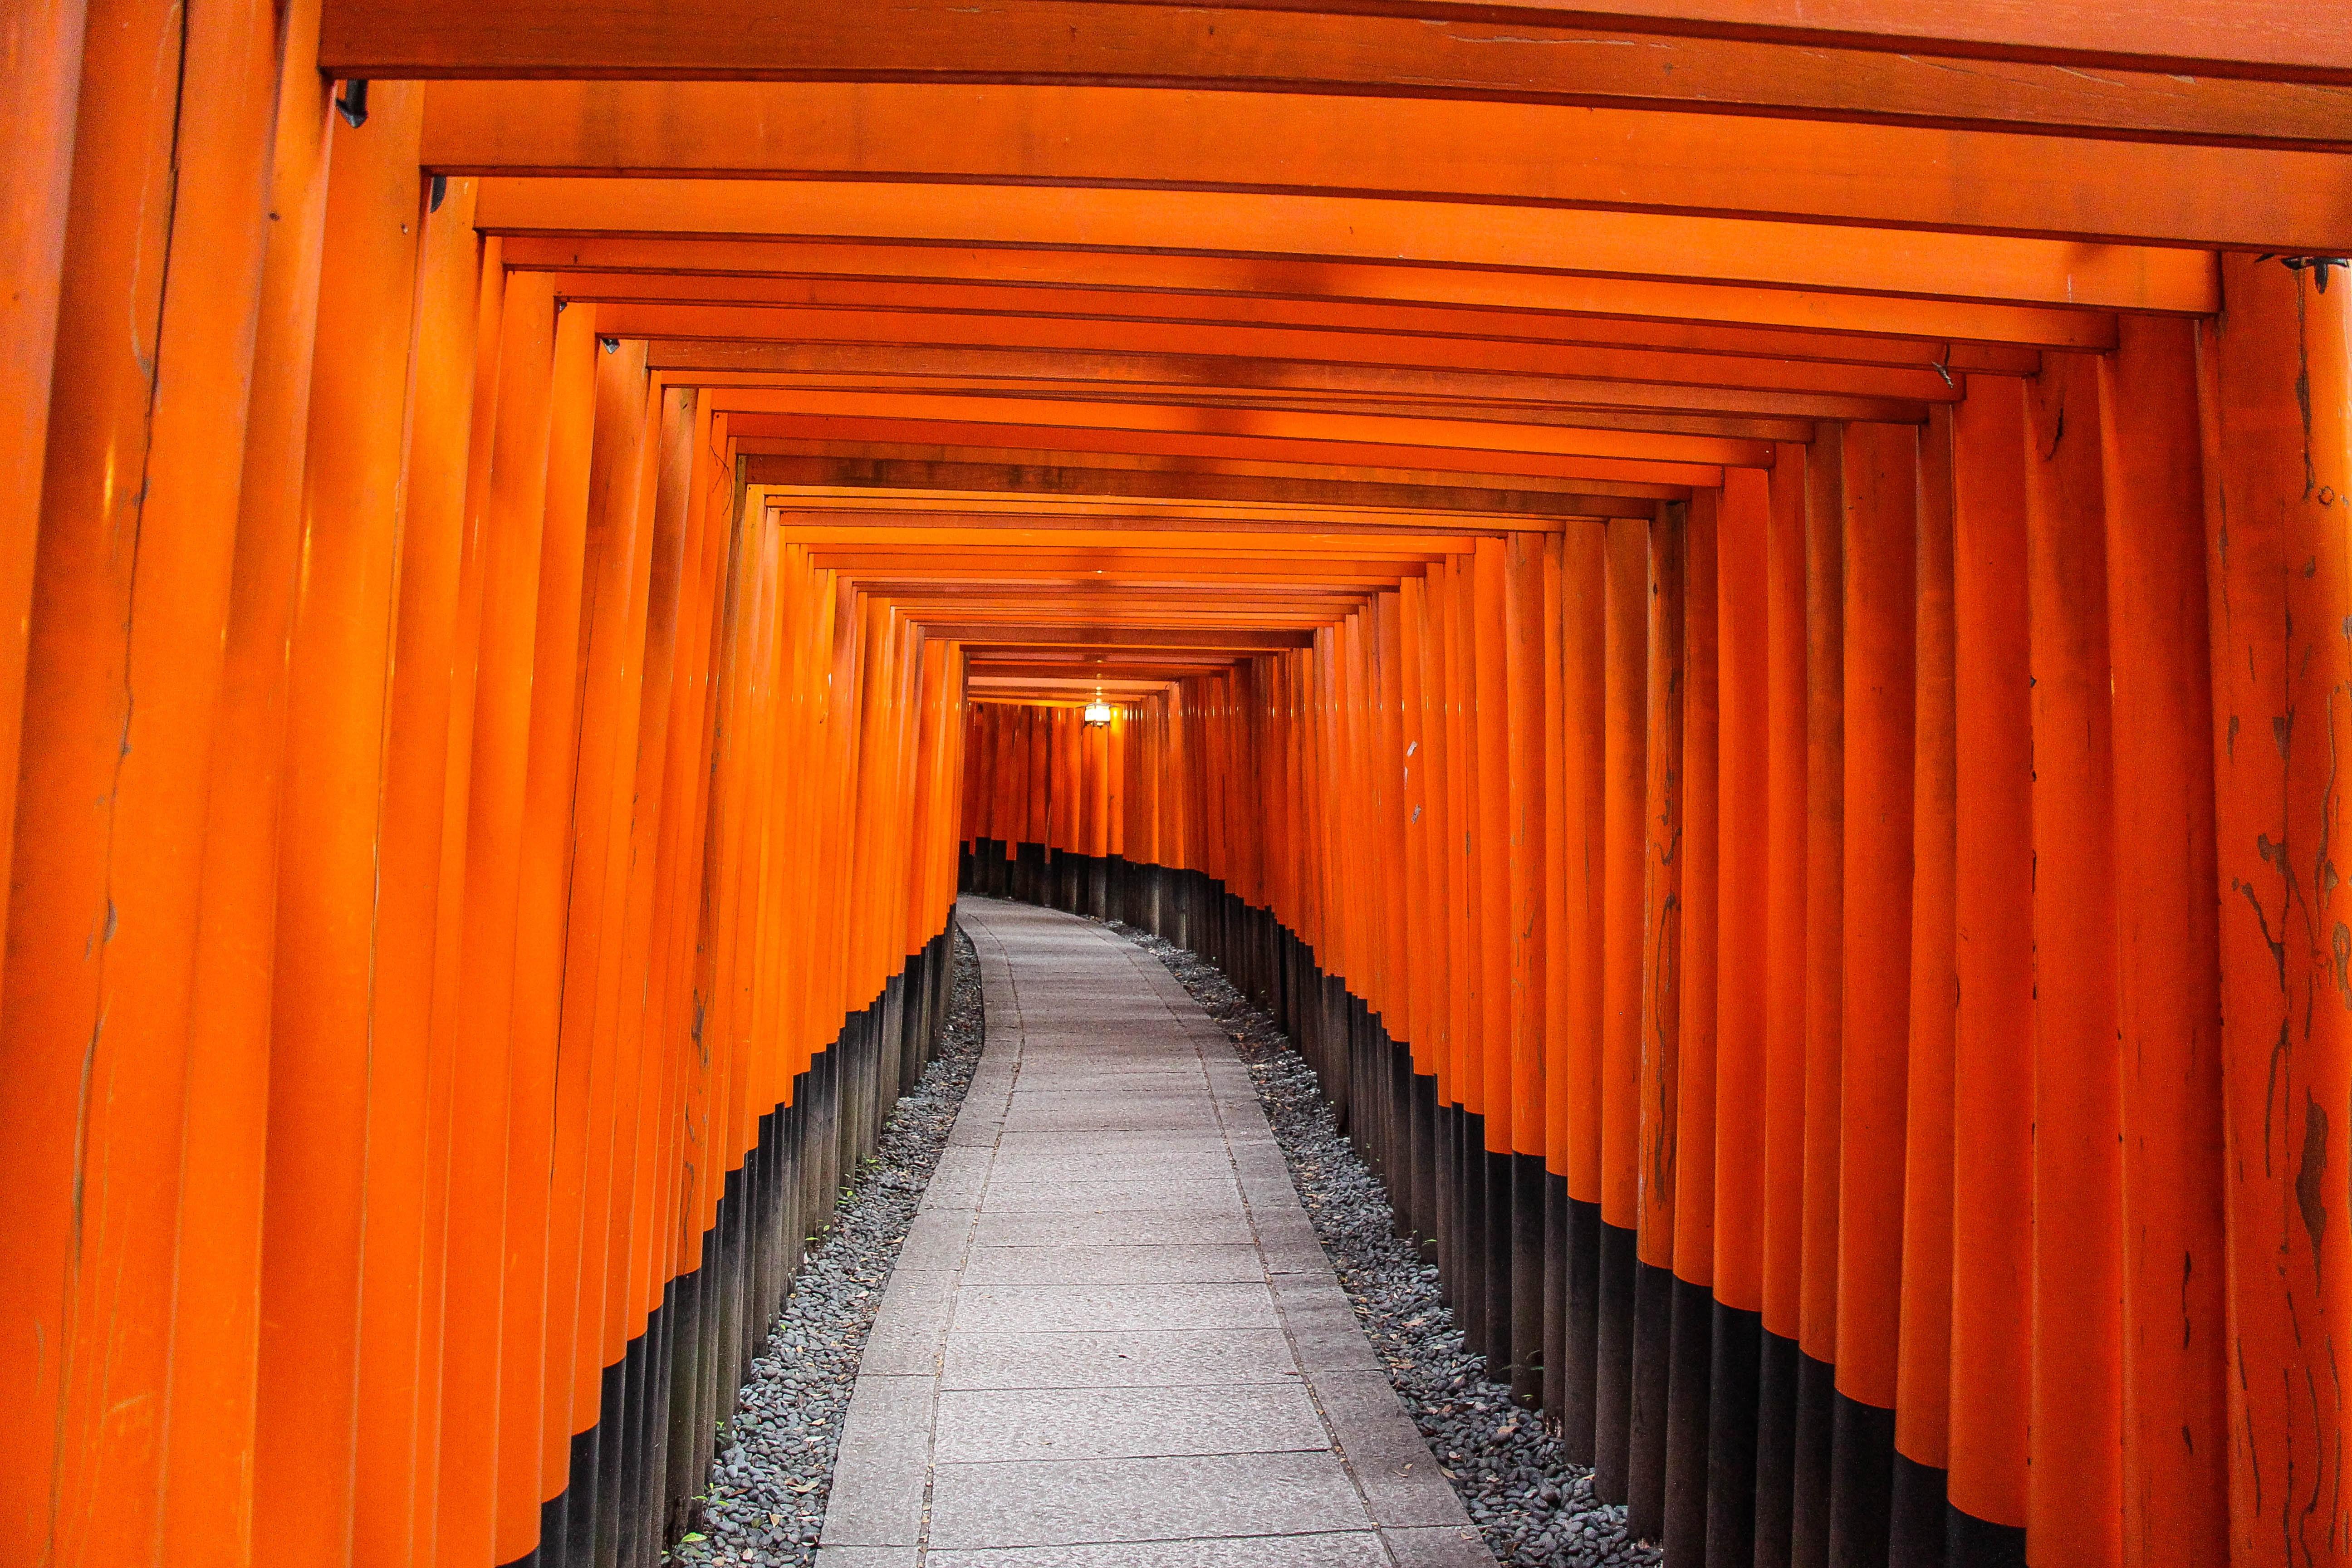 pathway between brown wooden trellis